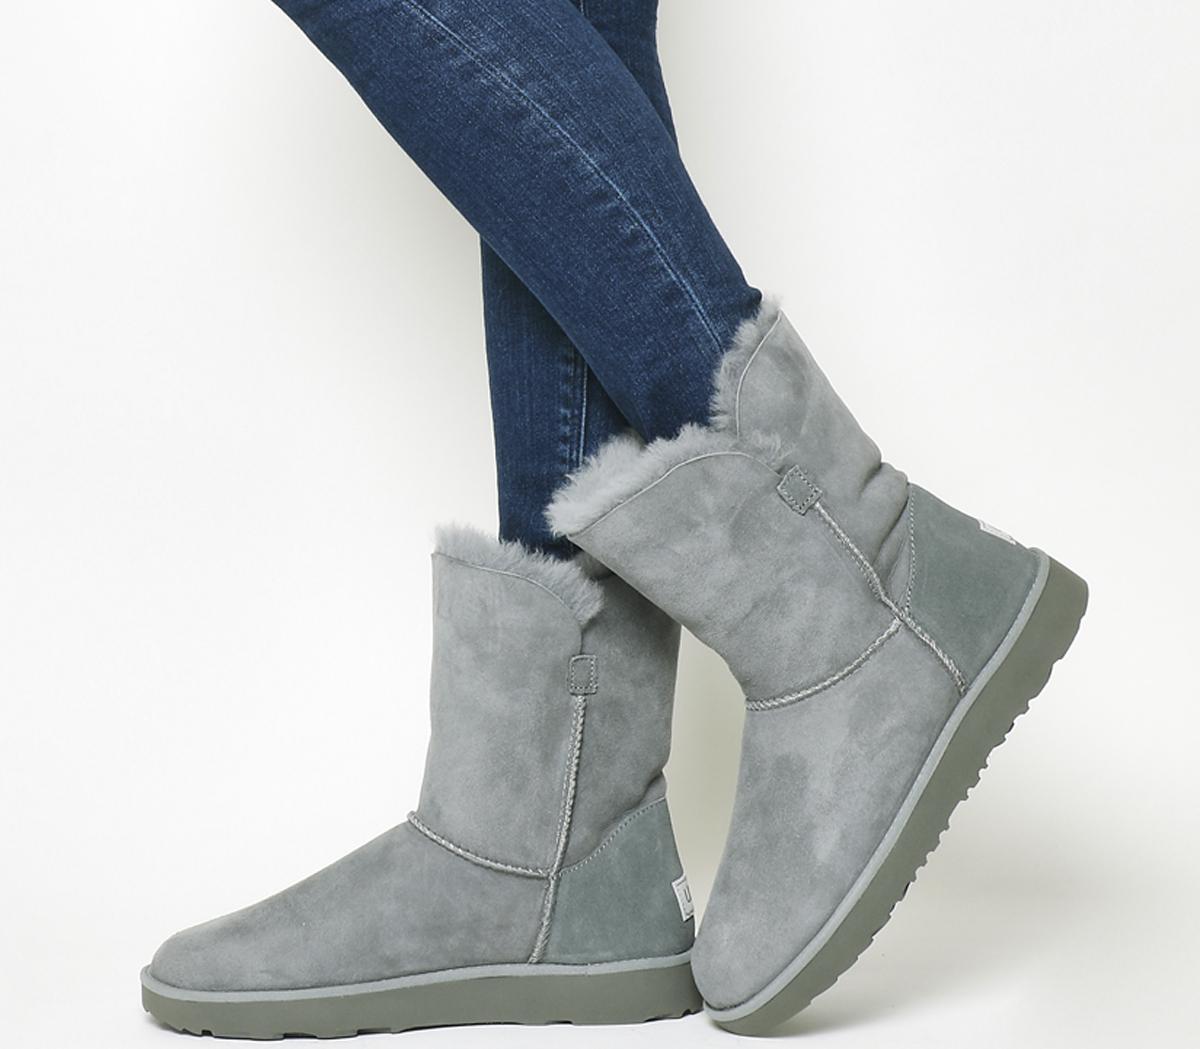 UGG Classic Cuff Short Boots Geyser